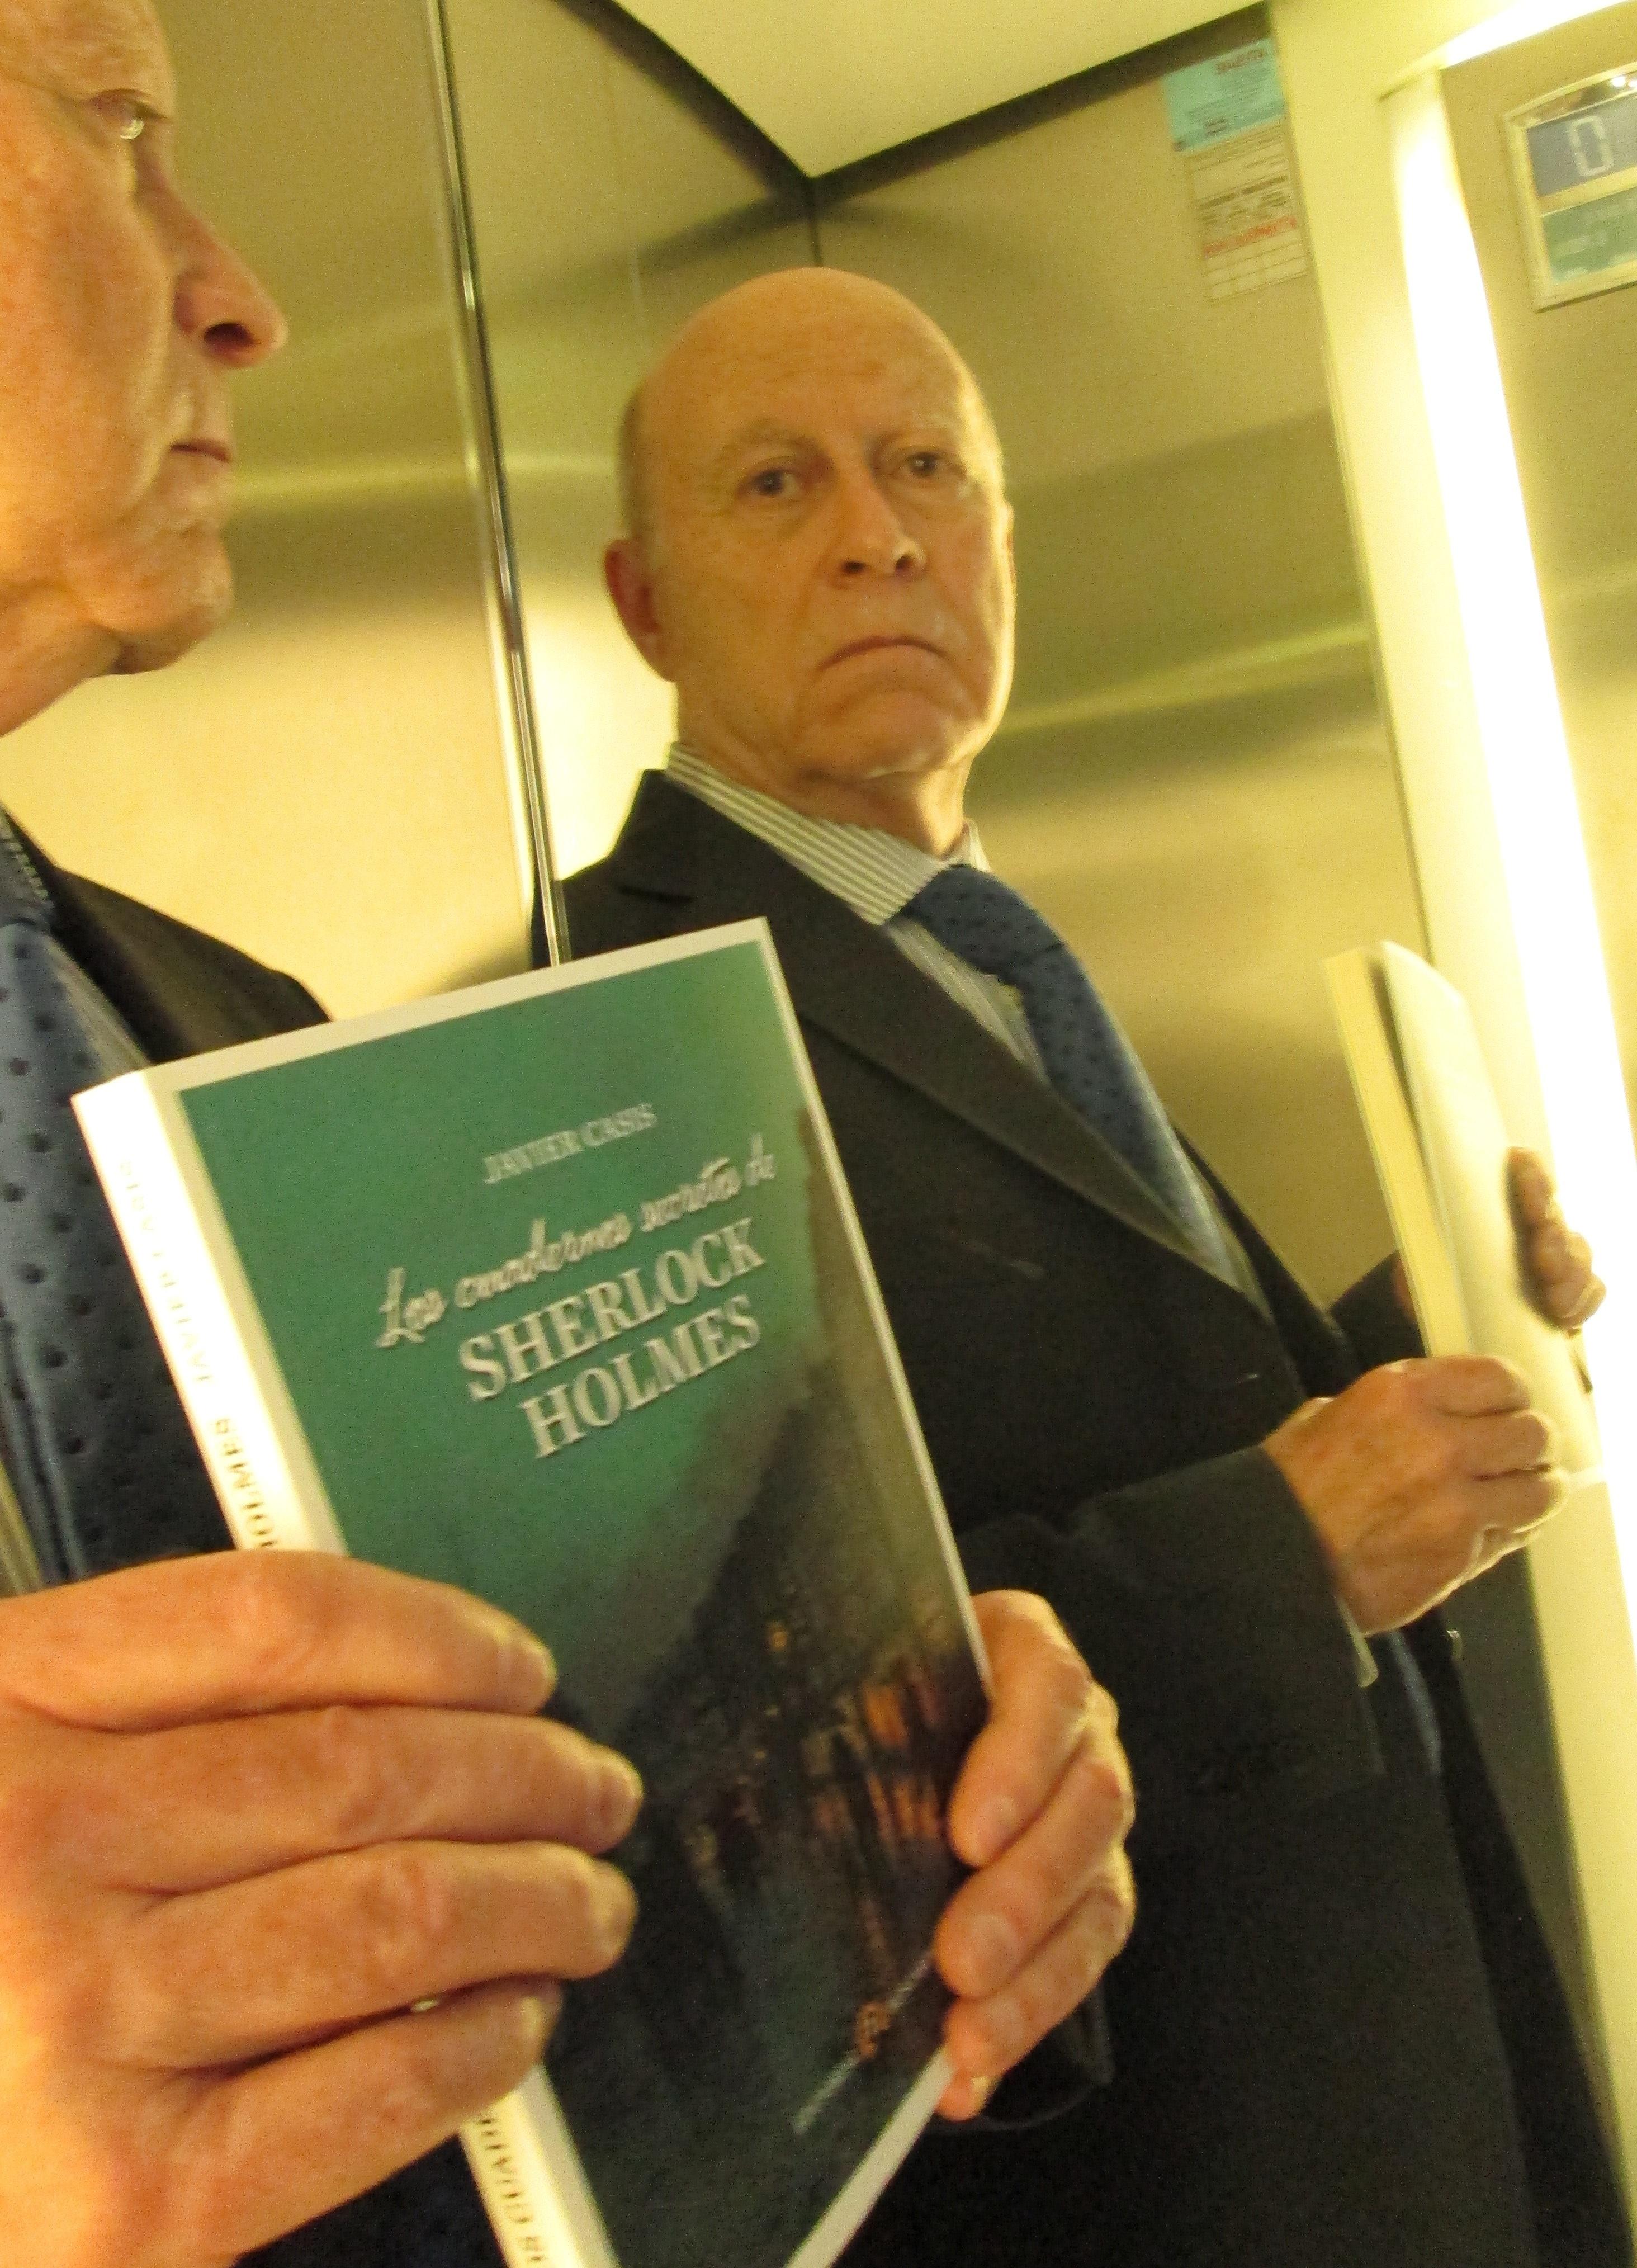 El ciclo »Villanueva Noir» comienza con la presentación de la novela »Los cuadernos secretos de Sherlock Holmes»